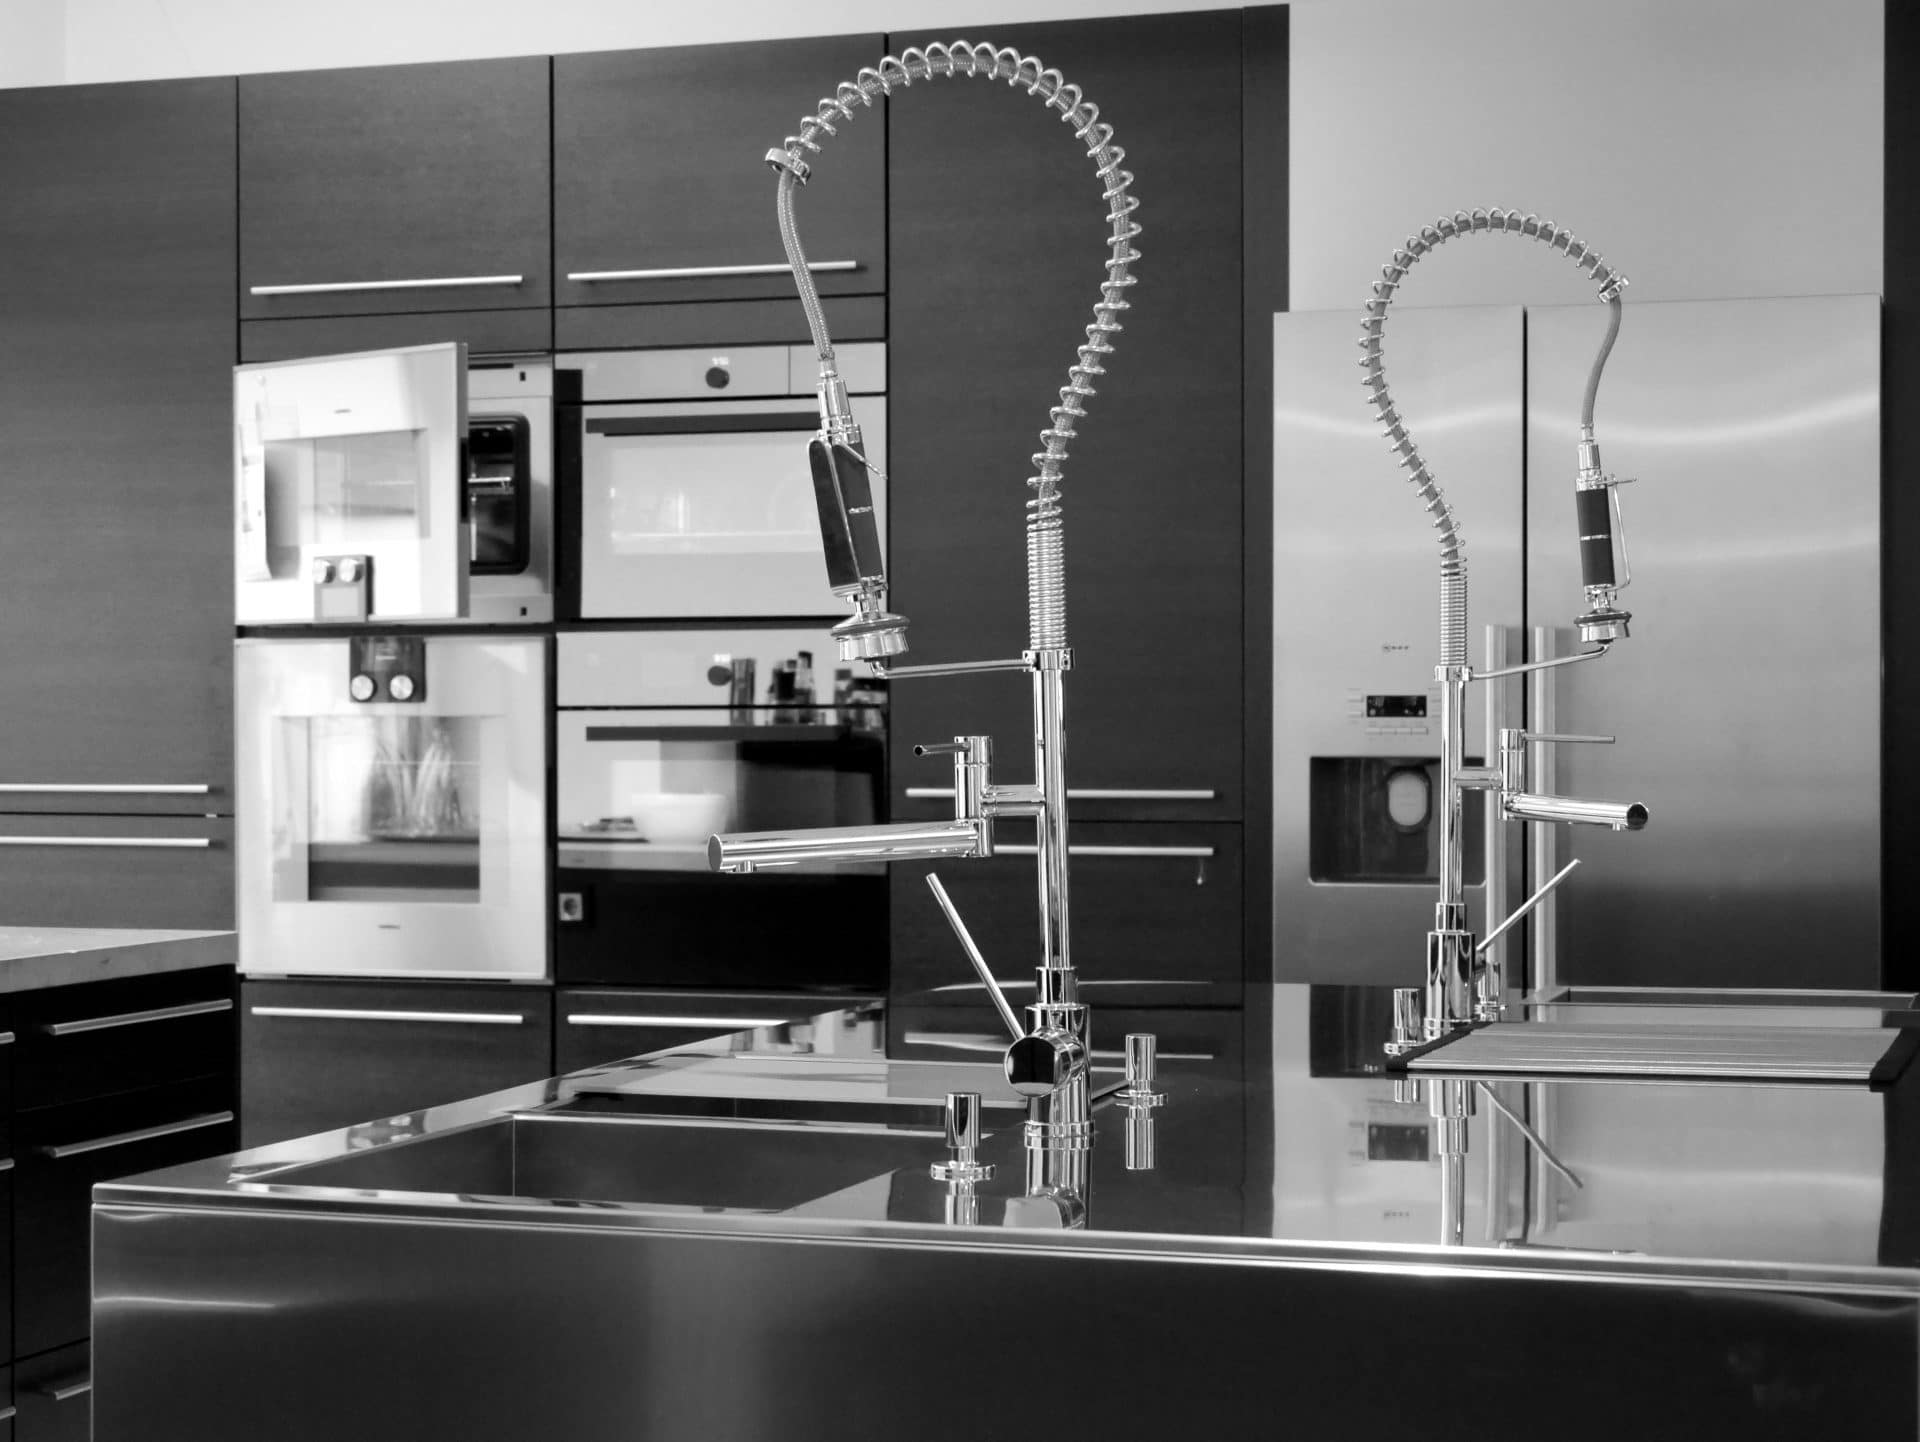 Showroom von Schreinerei und Planungsbüro VOIT in Markt Schwaben, Nahaufname von verschiedenen Spühlbecken mit Amaturen, im Hintergrund Einbaugeräte Lösungen - Bild in schwarz-weiß